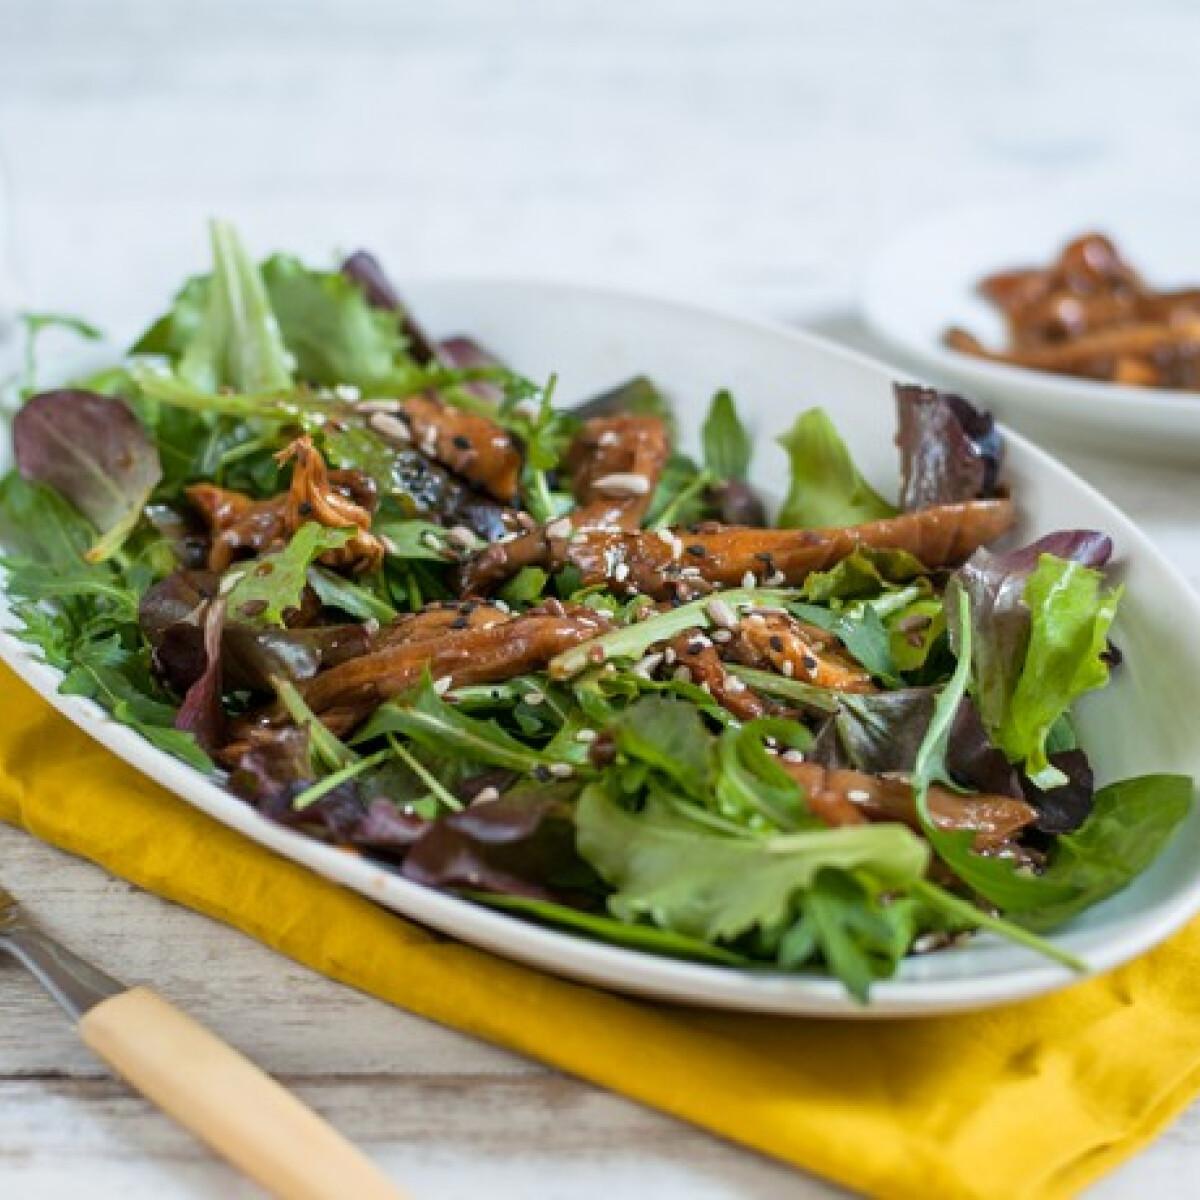 Ezen a képen: Salátamix marinált gombafalatokkal